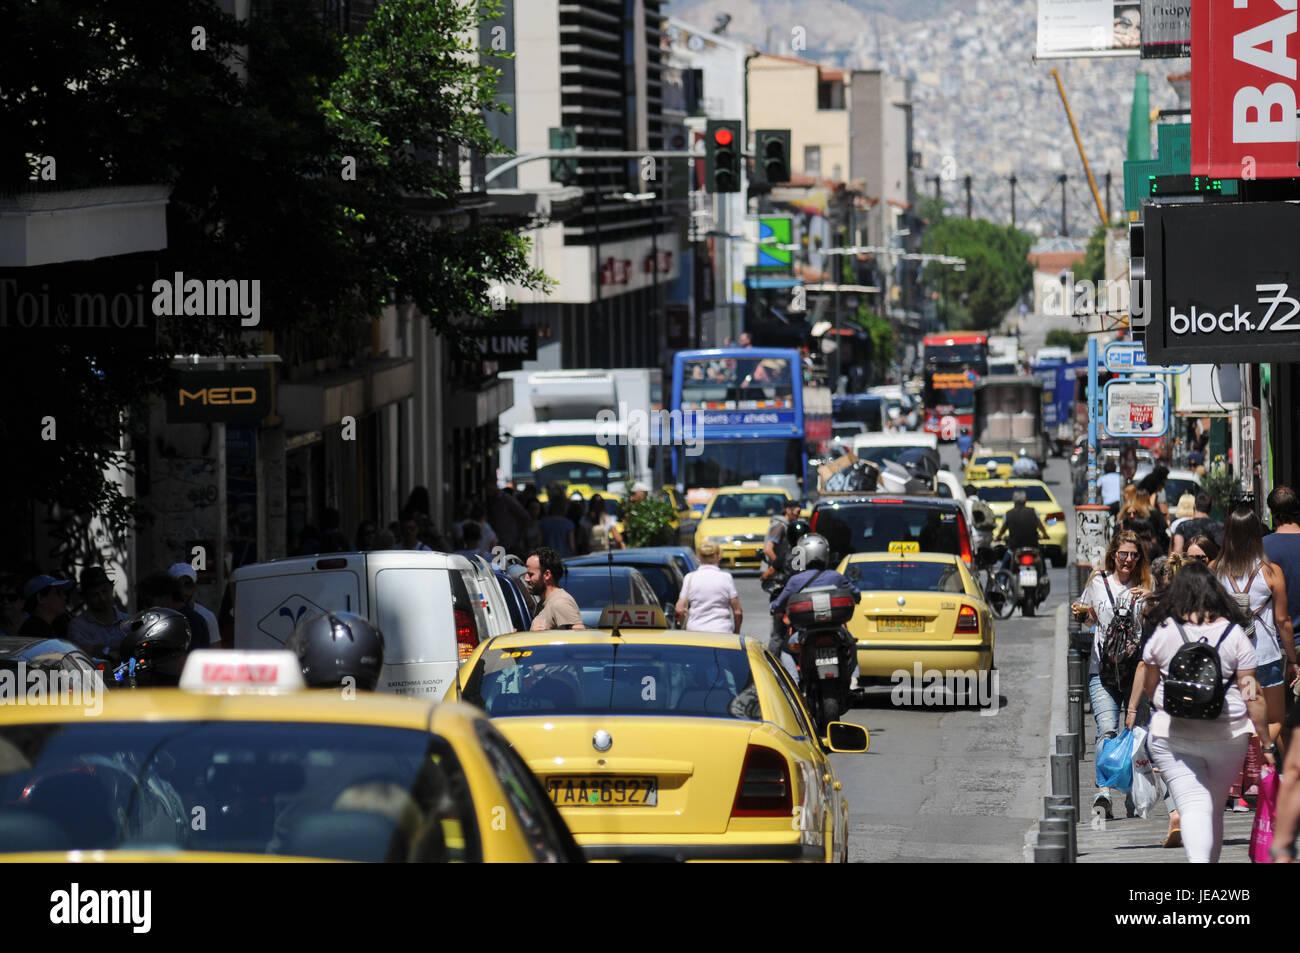 Vue générale du quartier de Monastiraki, Athènes (Grèce) Photo Stock